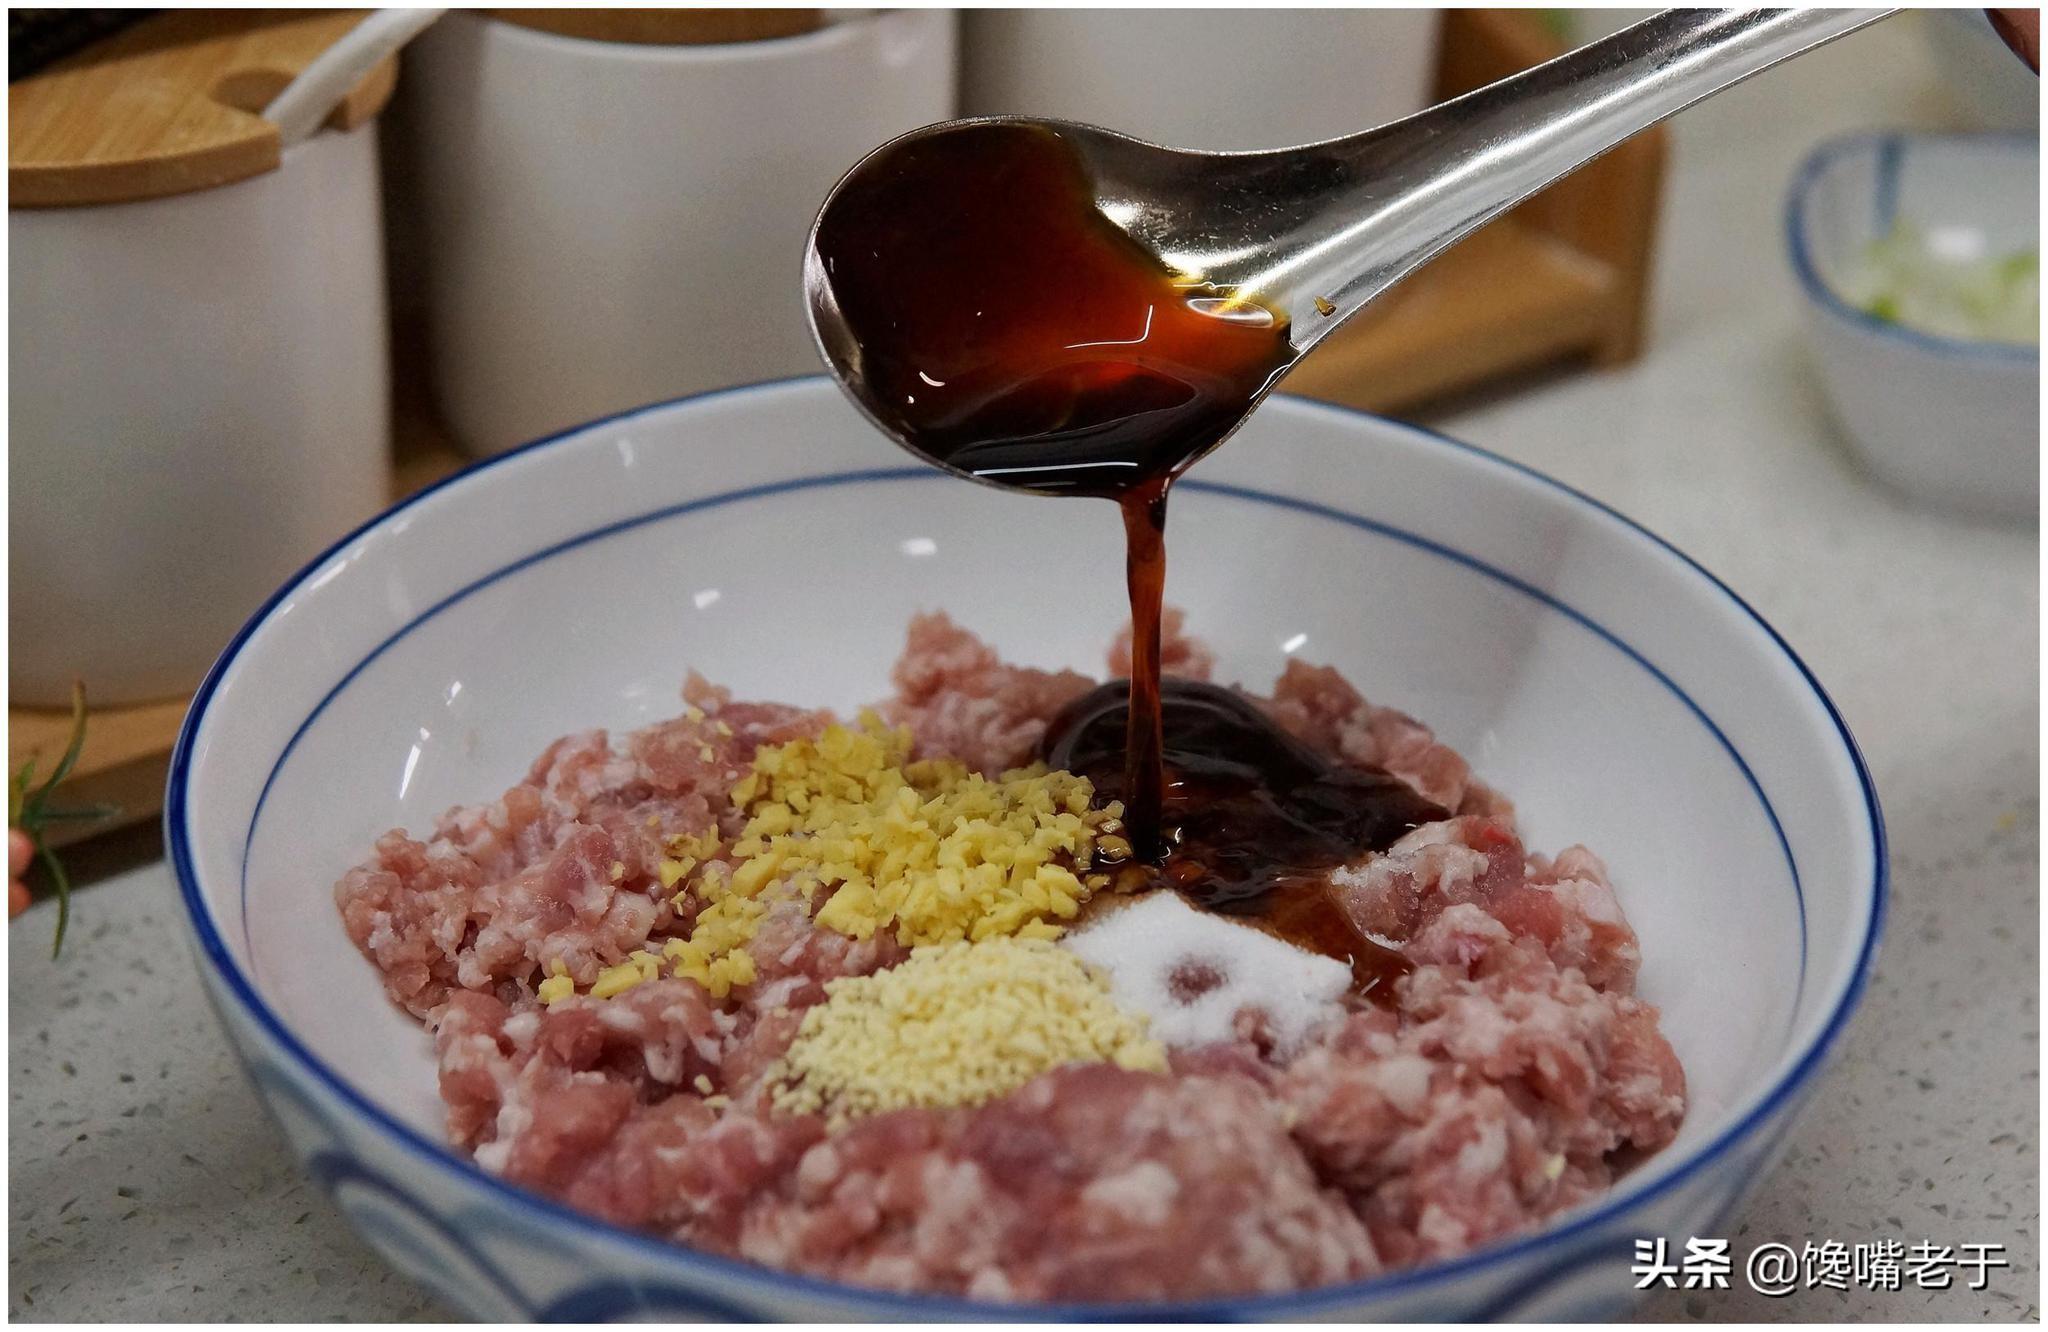 拌饺子馅时,先放油还是盐?一步错步步错,难怪饺子不鲜又难吃